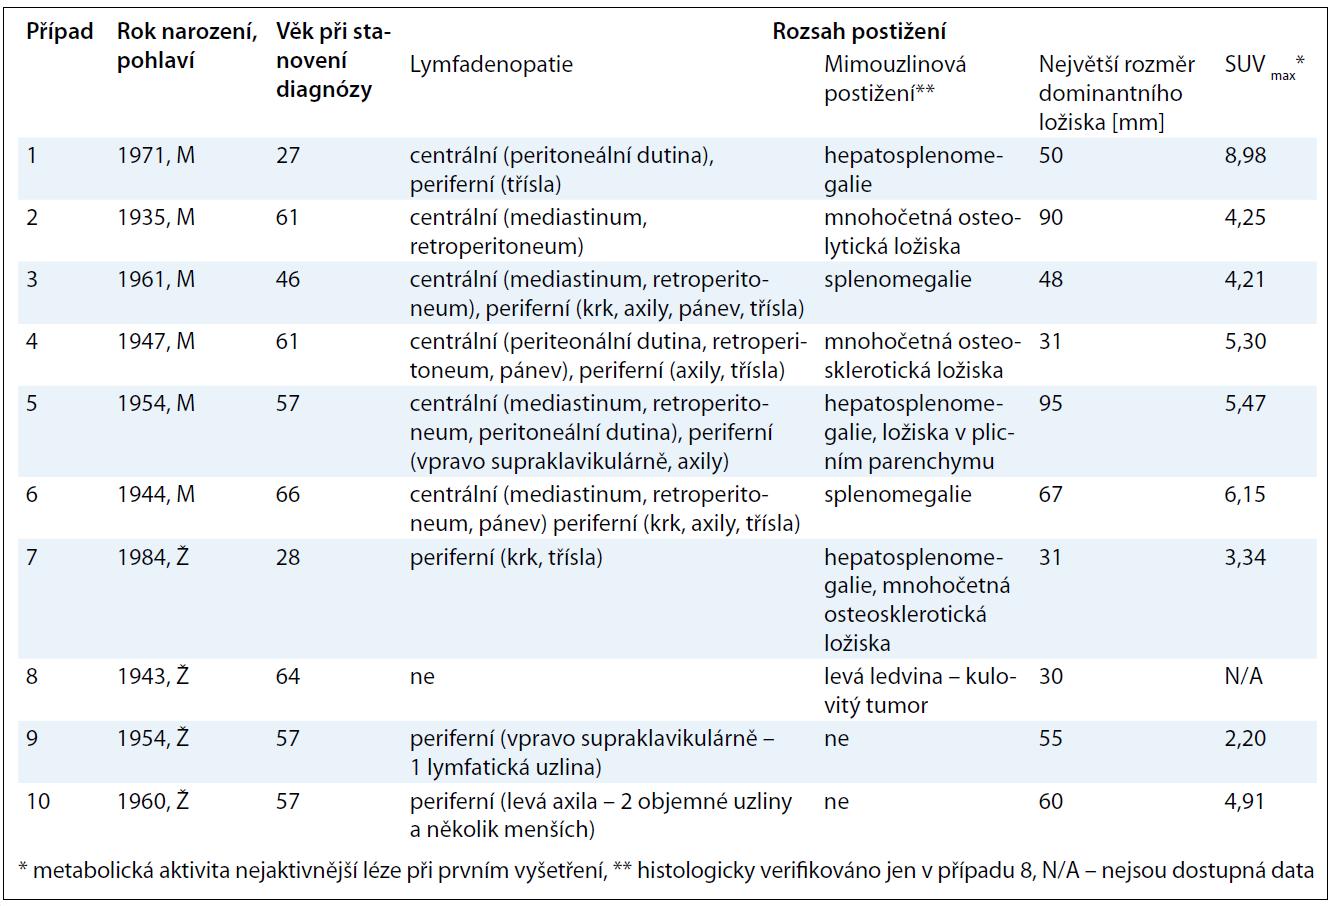 Základní charakteristiky souboru 10 pacientů s CD se zaměřením na rozsah postižení.